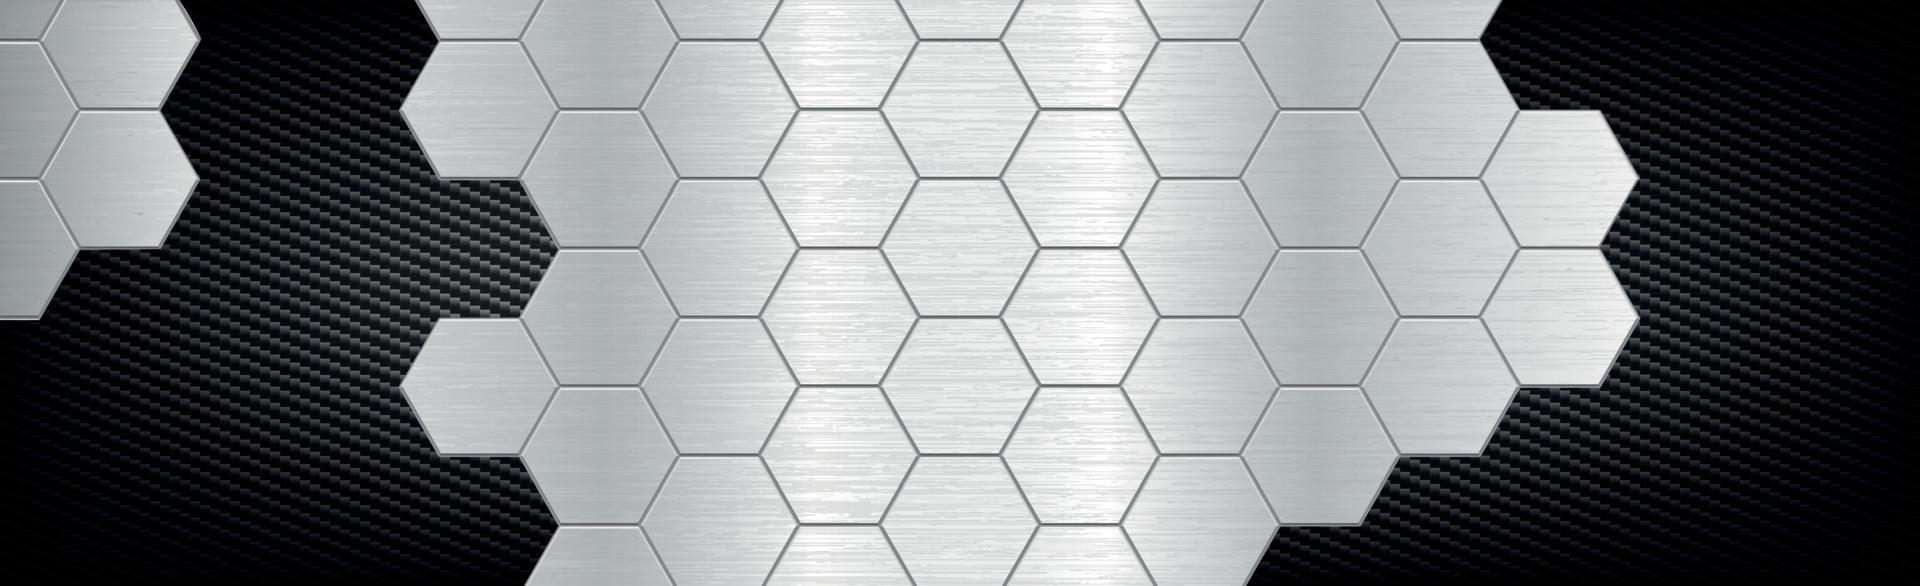 sfondo astratto esagoni in metallo e fibra di carbonio - illustrazione vettoriale